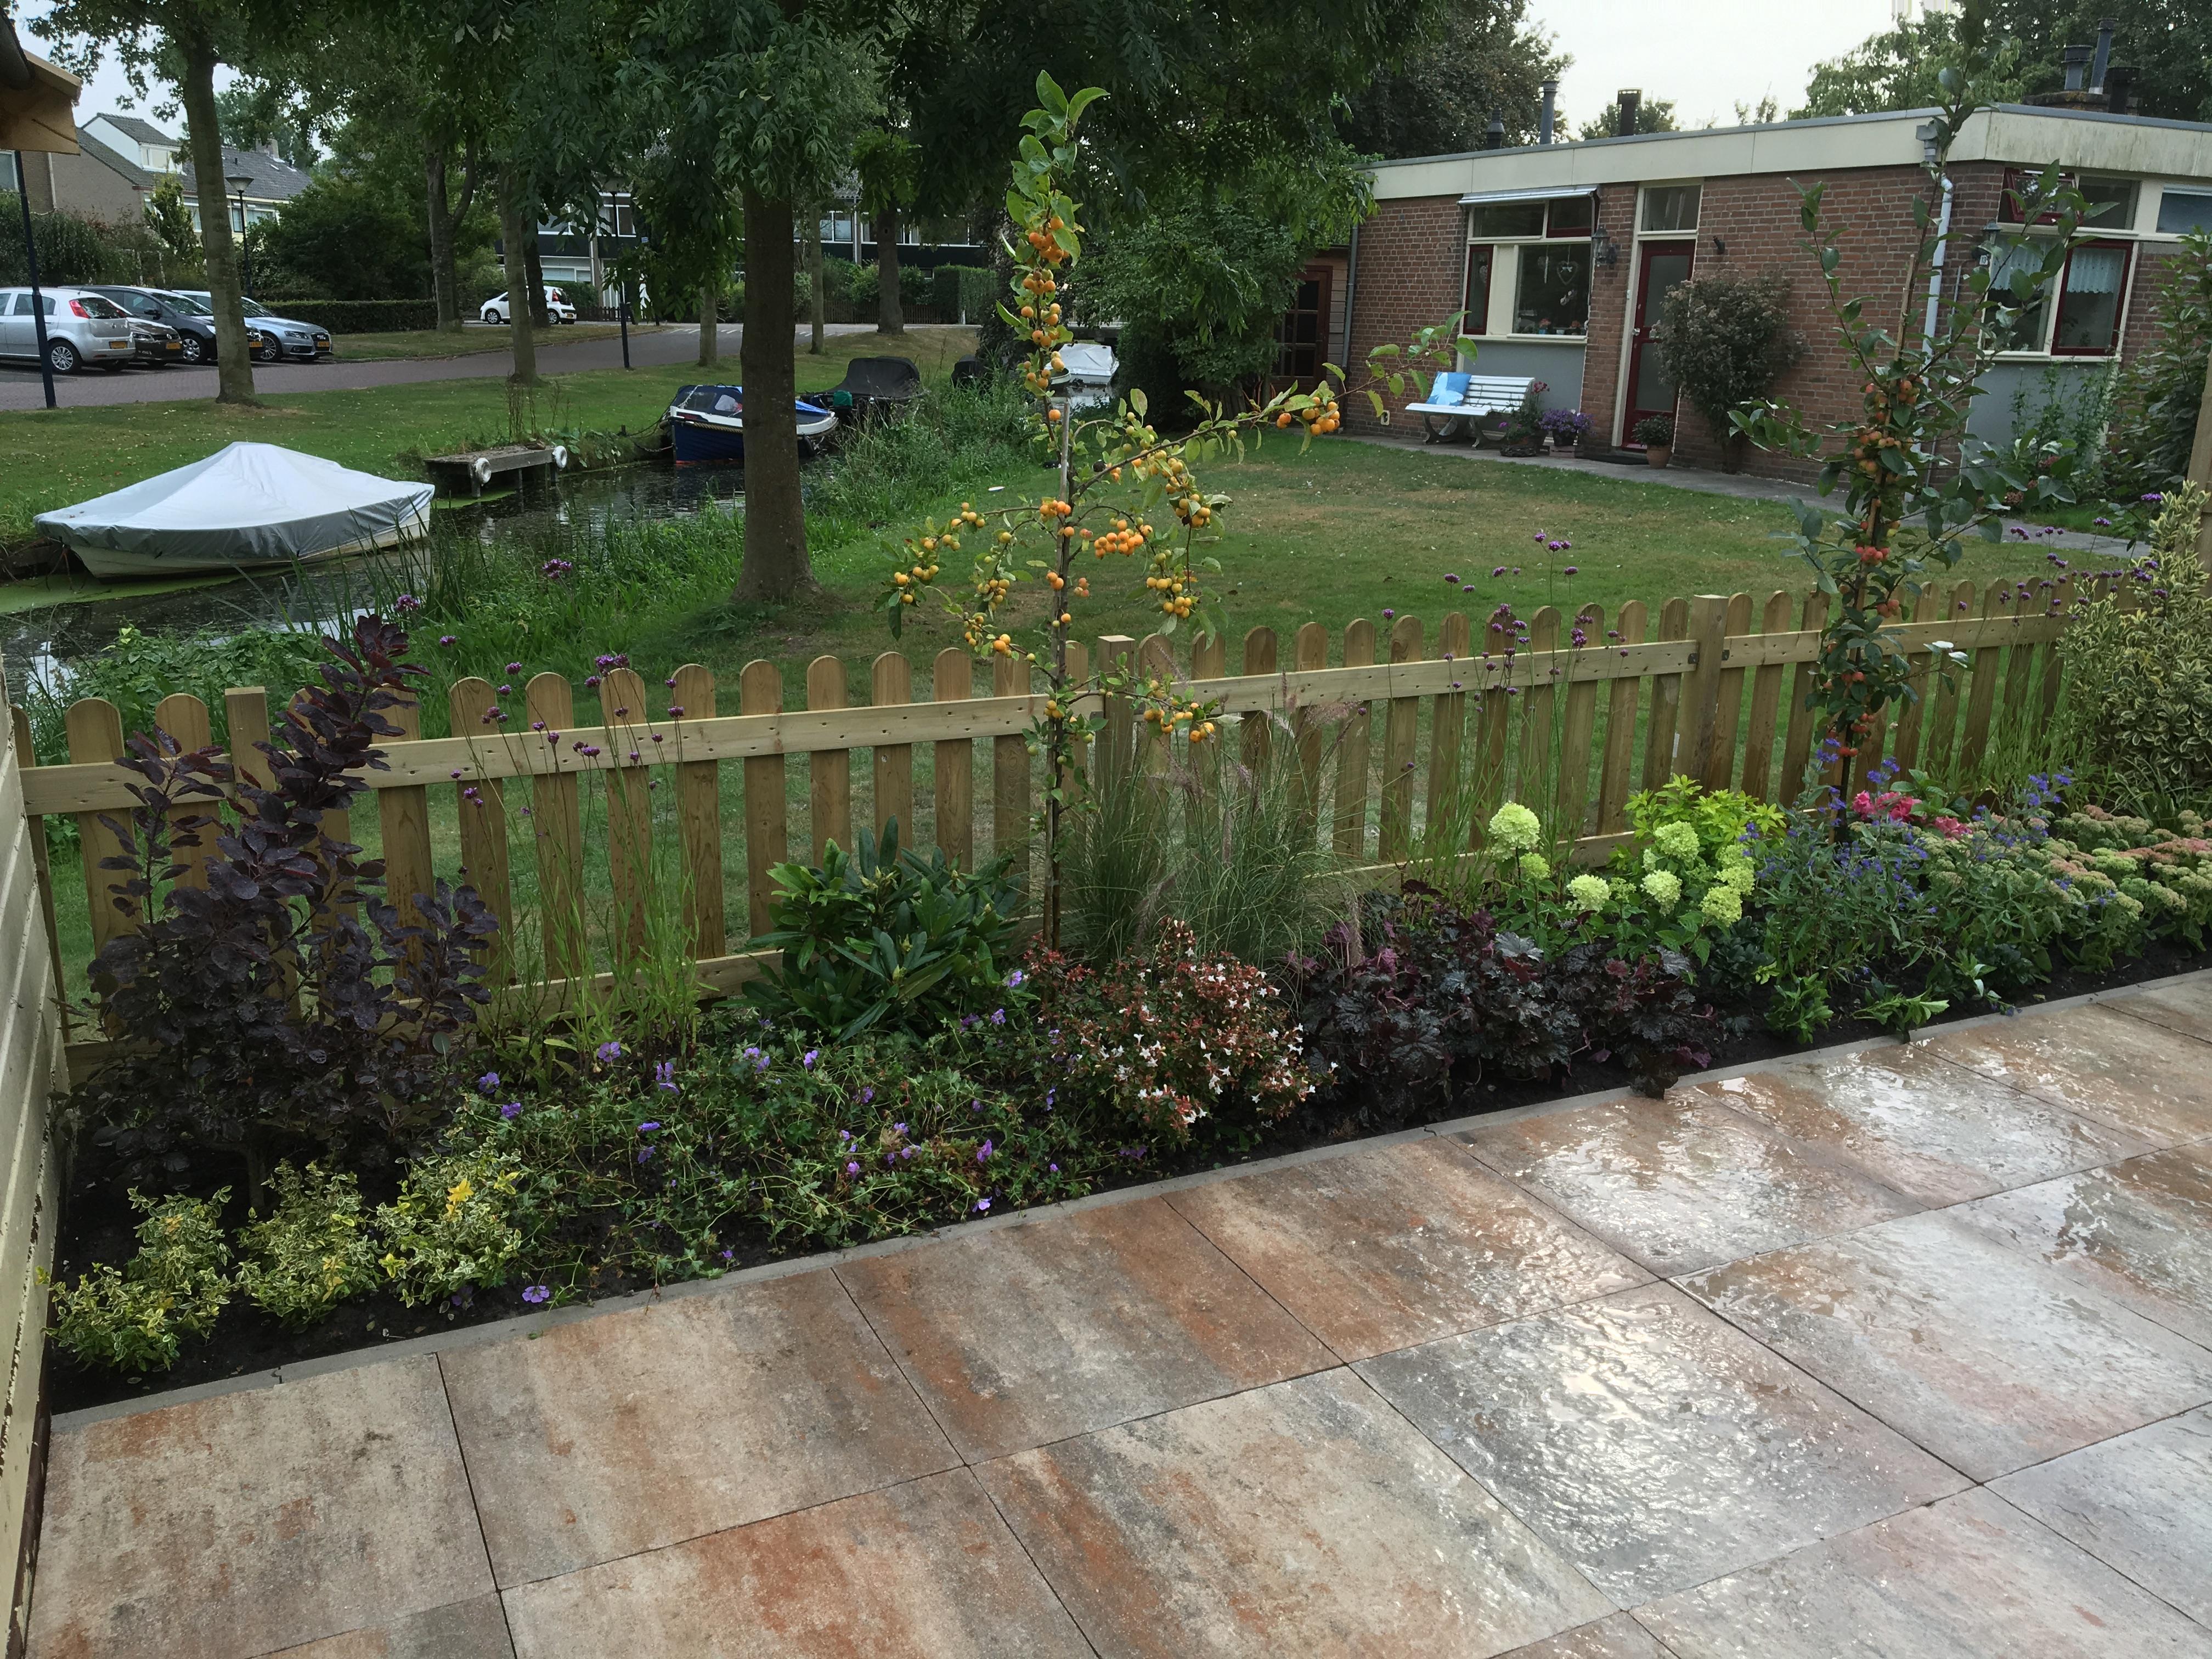 Kleine tuin hoveniersbedrijf wouter wigman for Aanleg kleine tuin